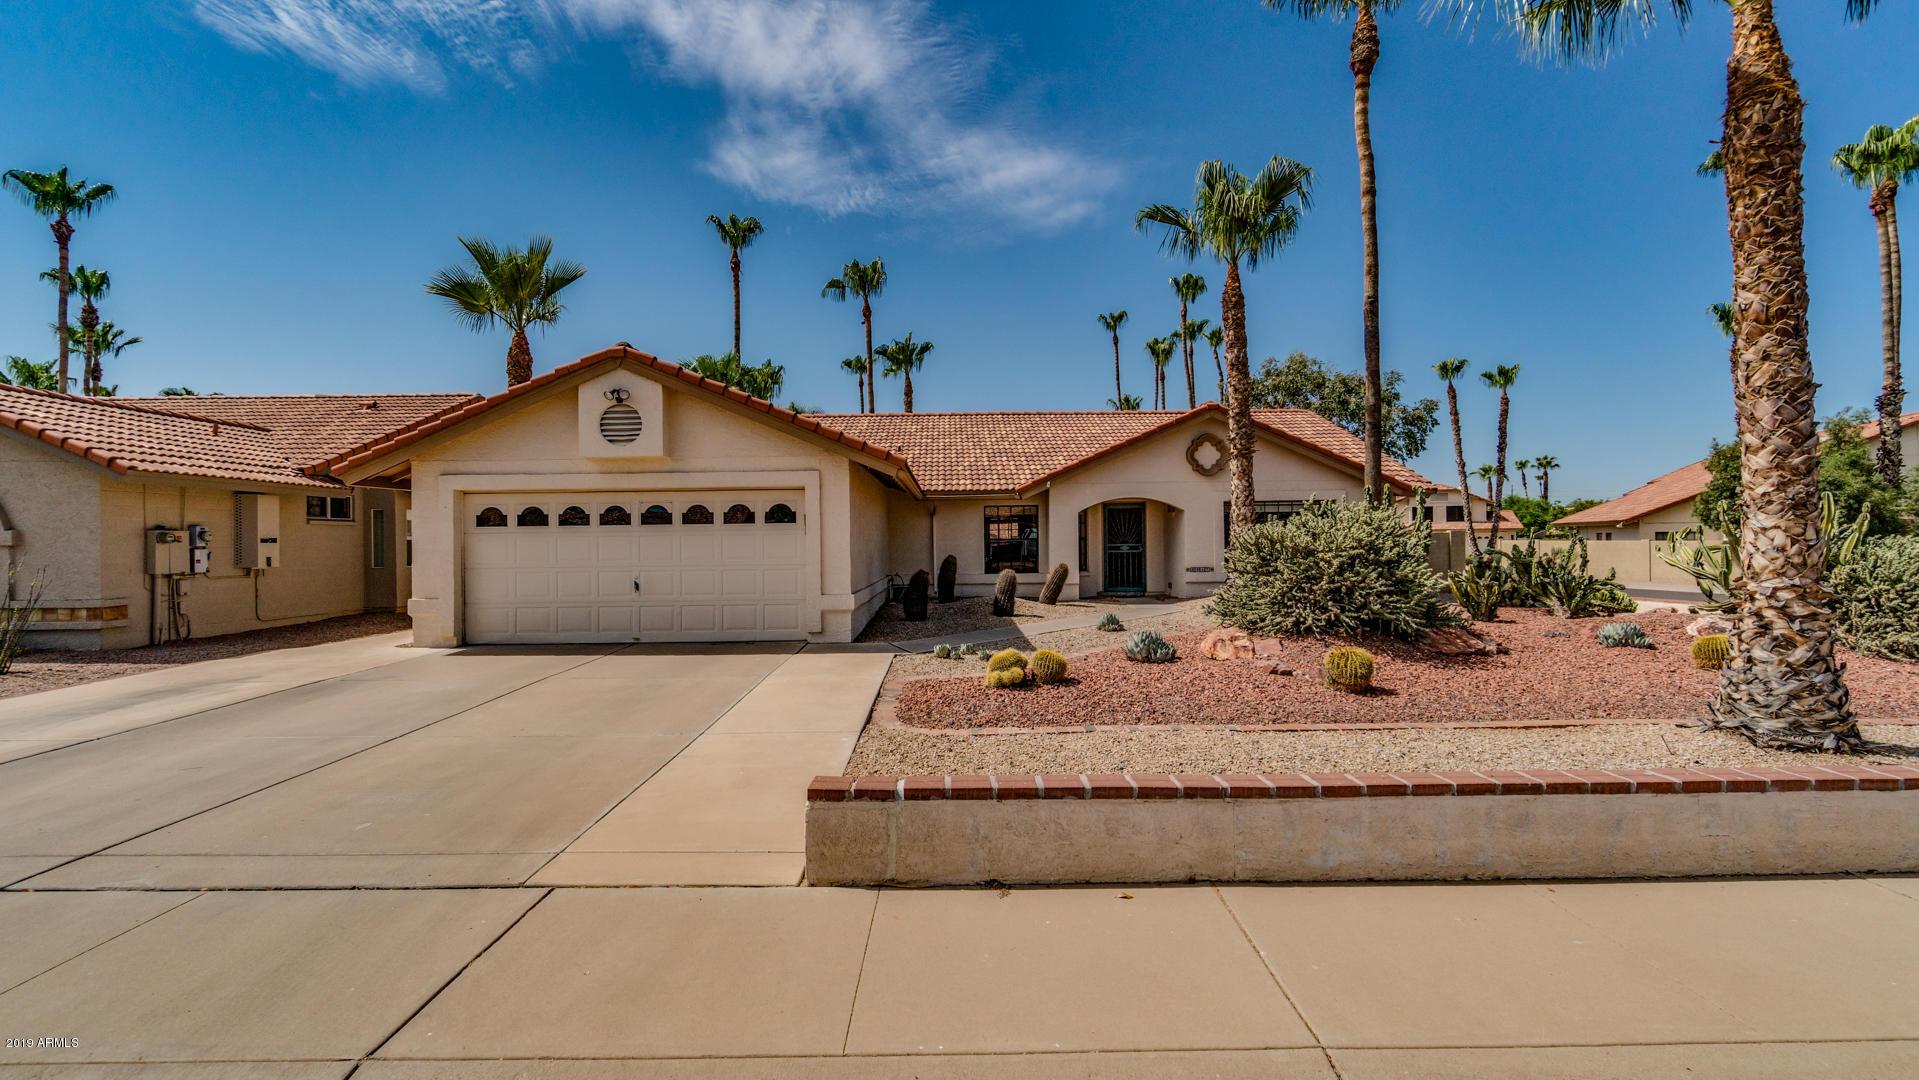 Photo of 8917 E DAVENPORT Drive, Scottsdale, AZ 85260